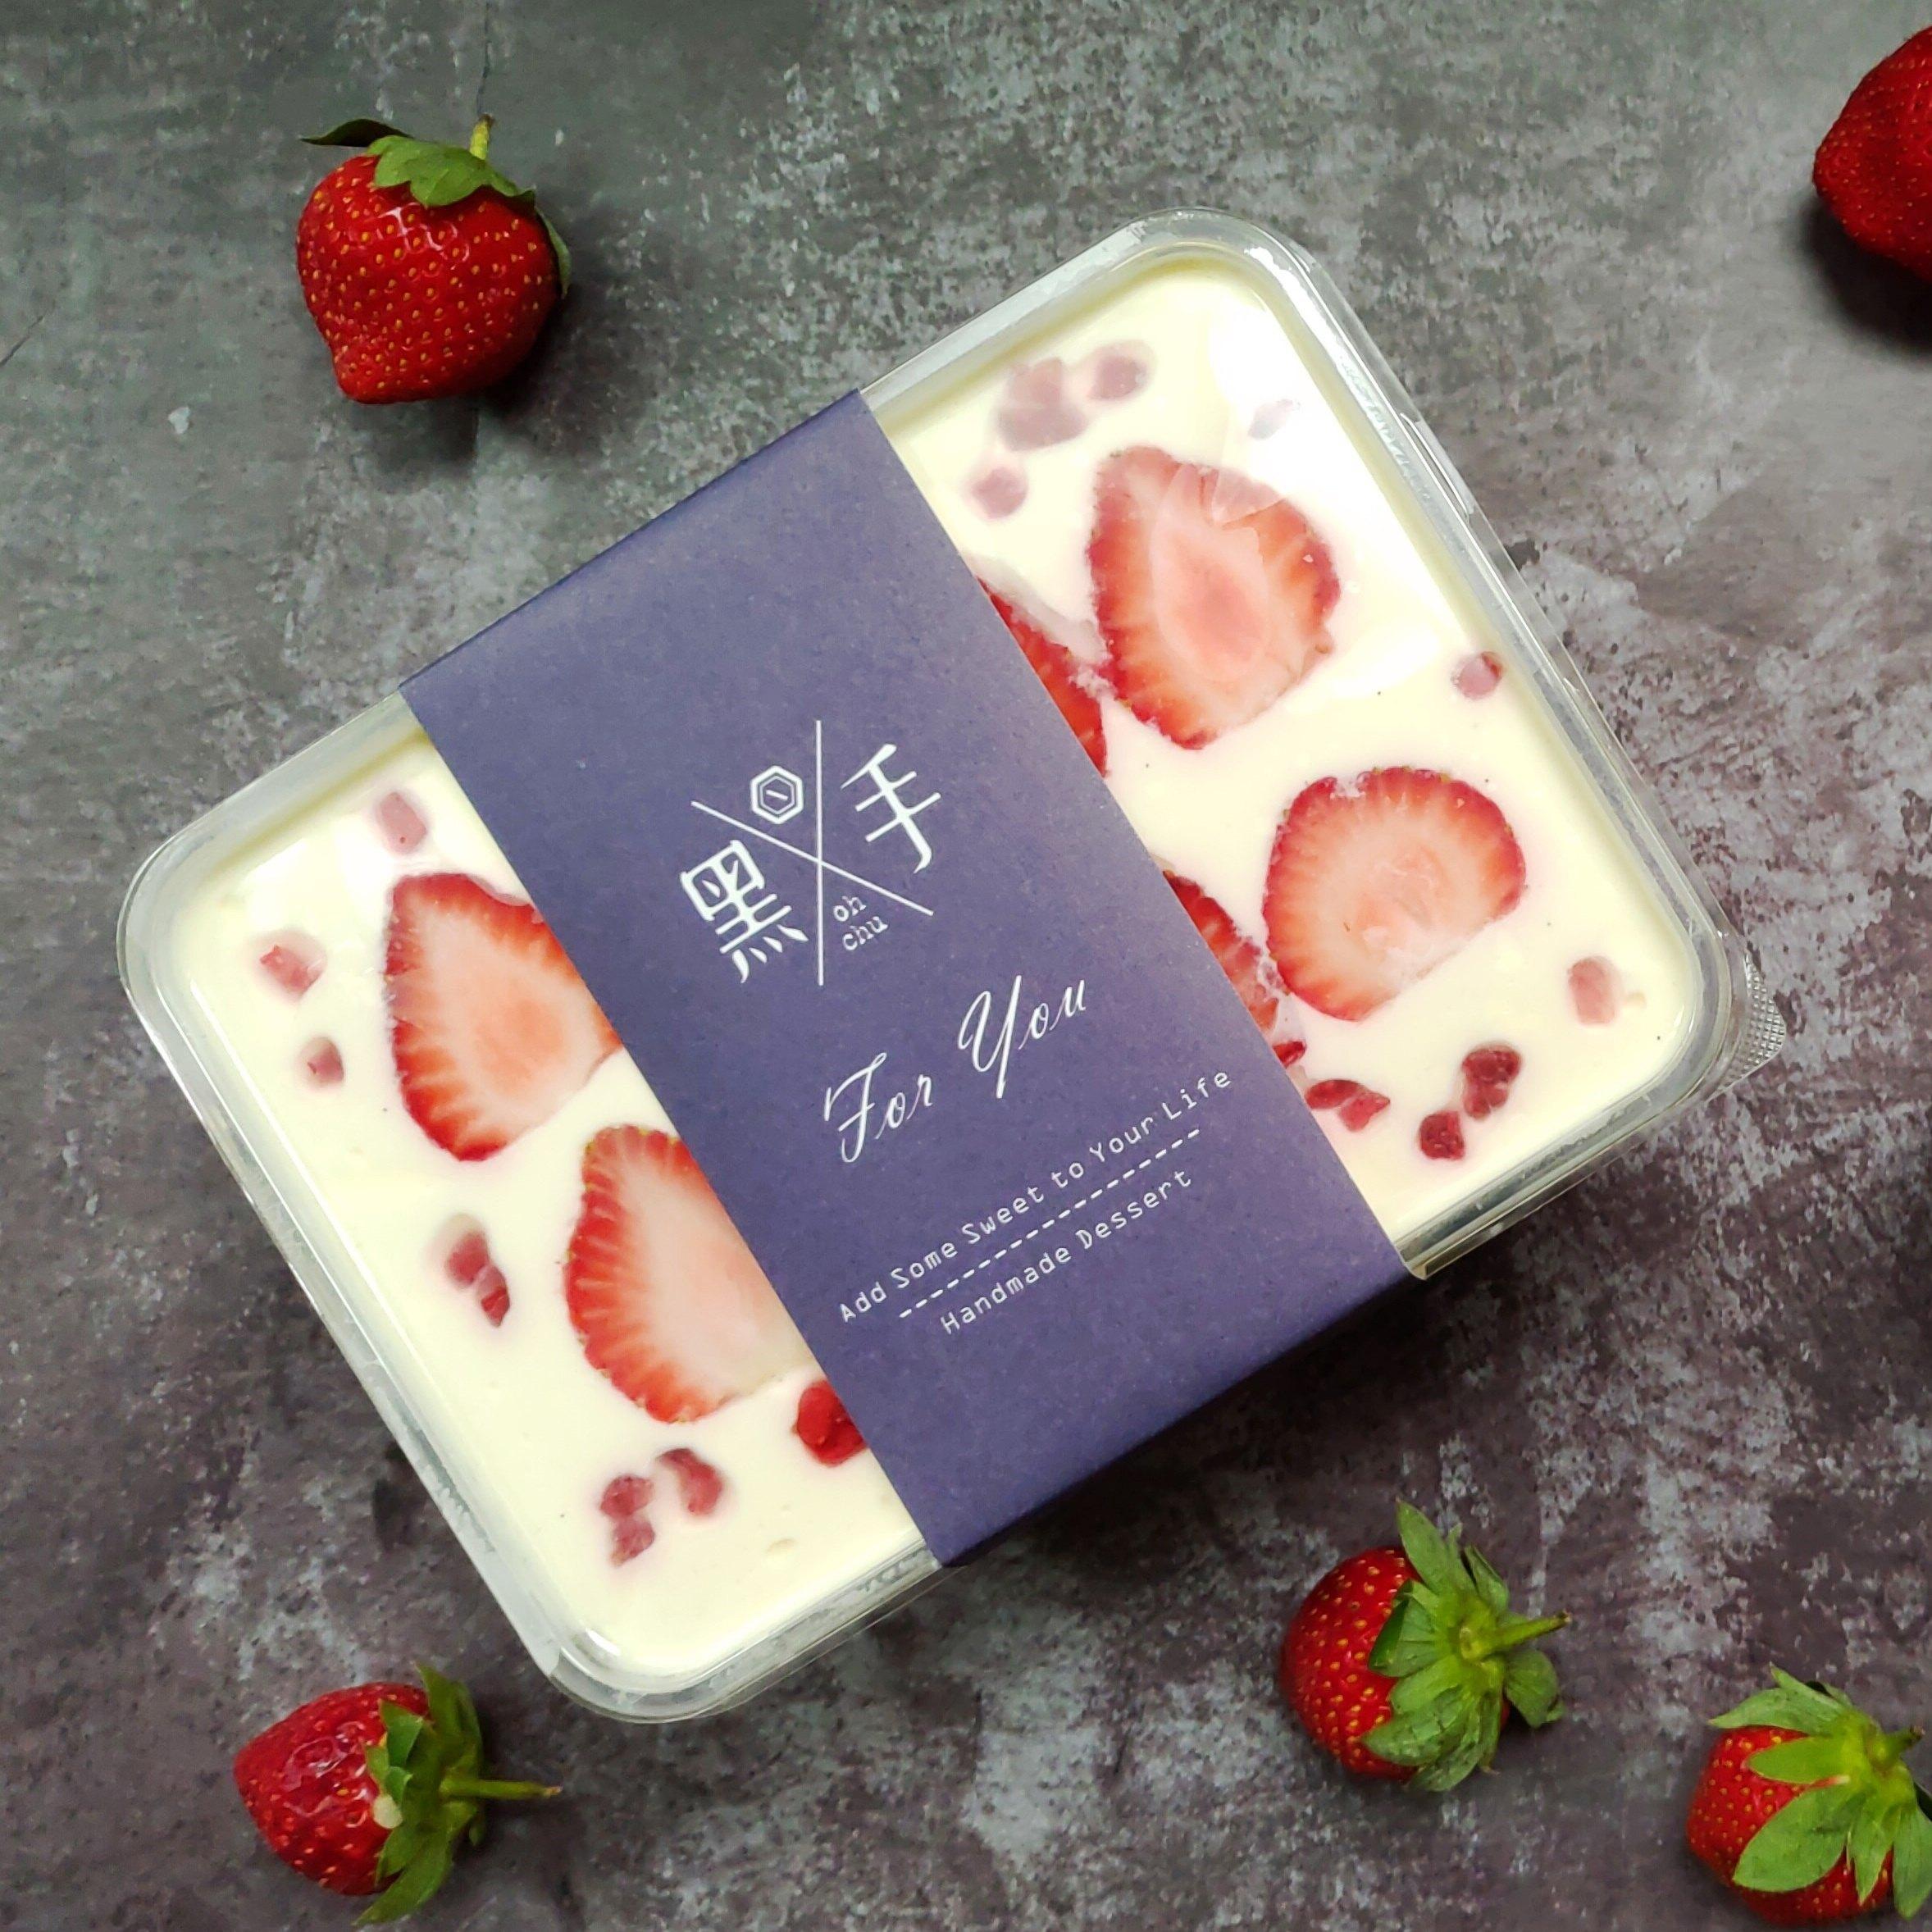 【黑手甜點】香檸卡士達草莓盒 / 每一口都能吃到草莓 / 草莓土石流!!!